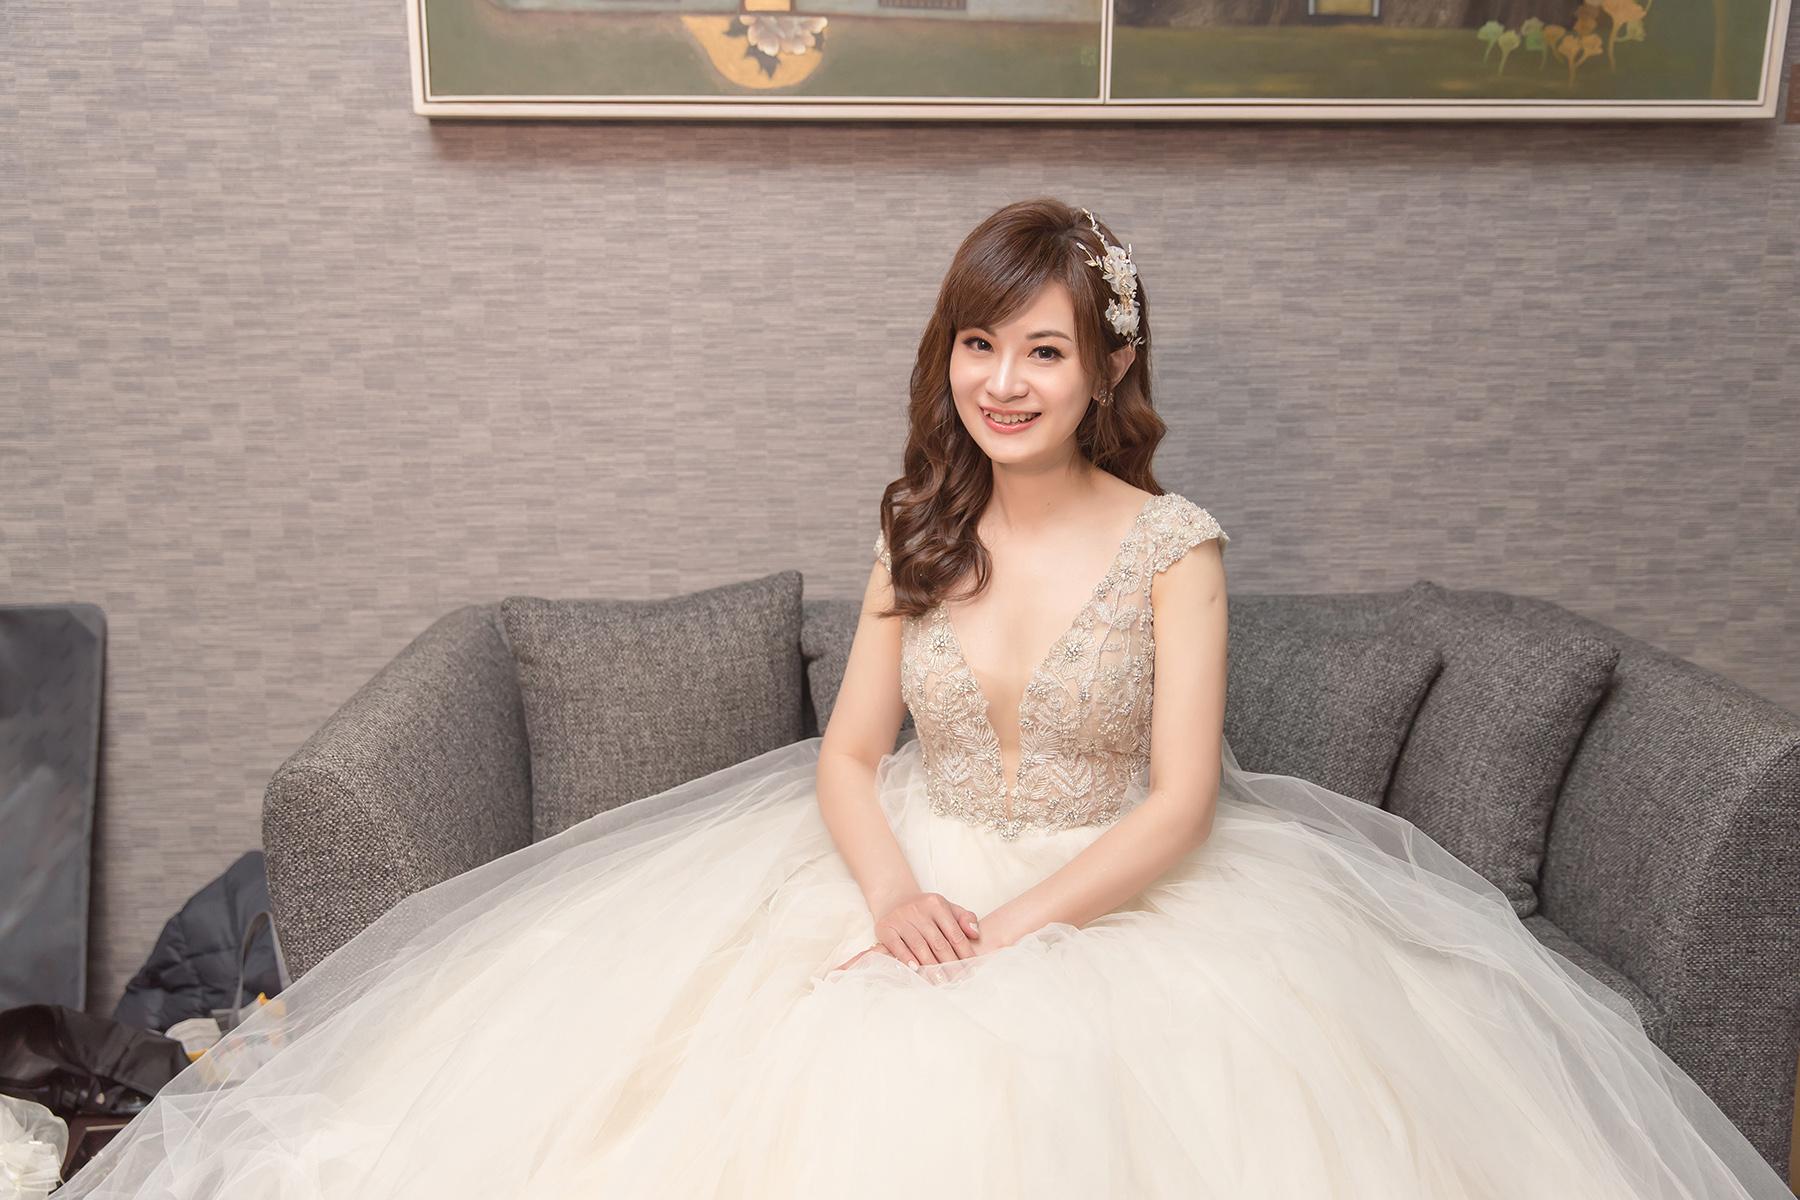 新秘Yuki, 新娘秘書, 新秘, 新娘造型, 白紗造型, 新秘推薦,新娘妝容,S。SPOSA高級手工訂製婚 ,台北新秘, 華麗風造型, 寒舍艾麗婚宴